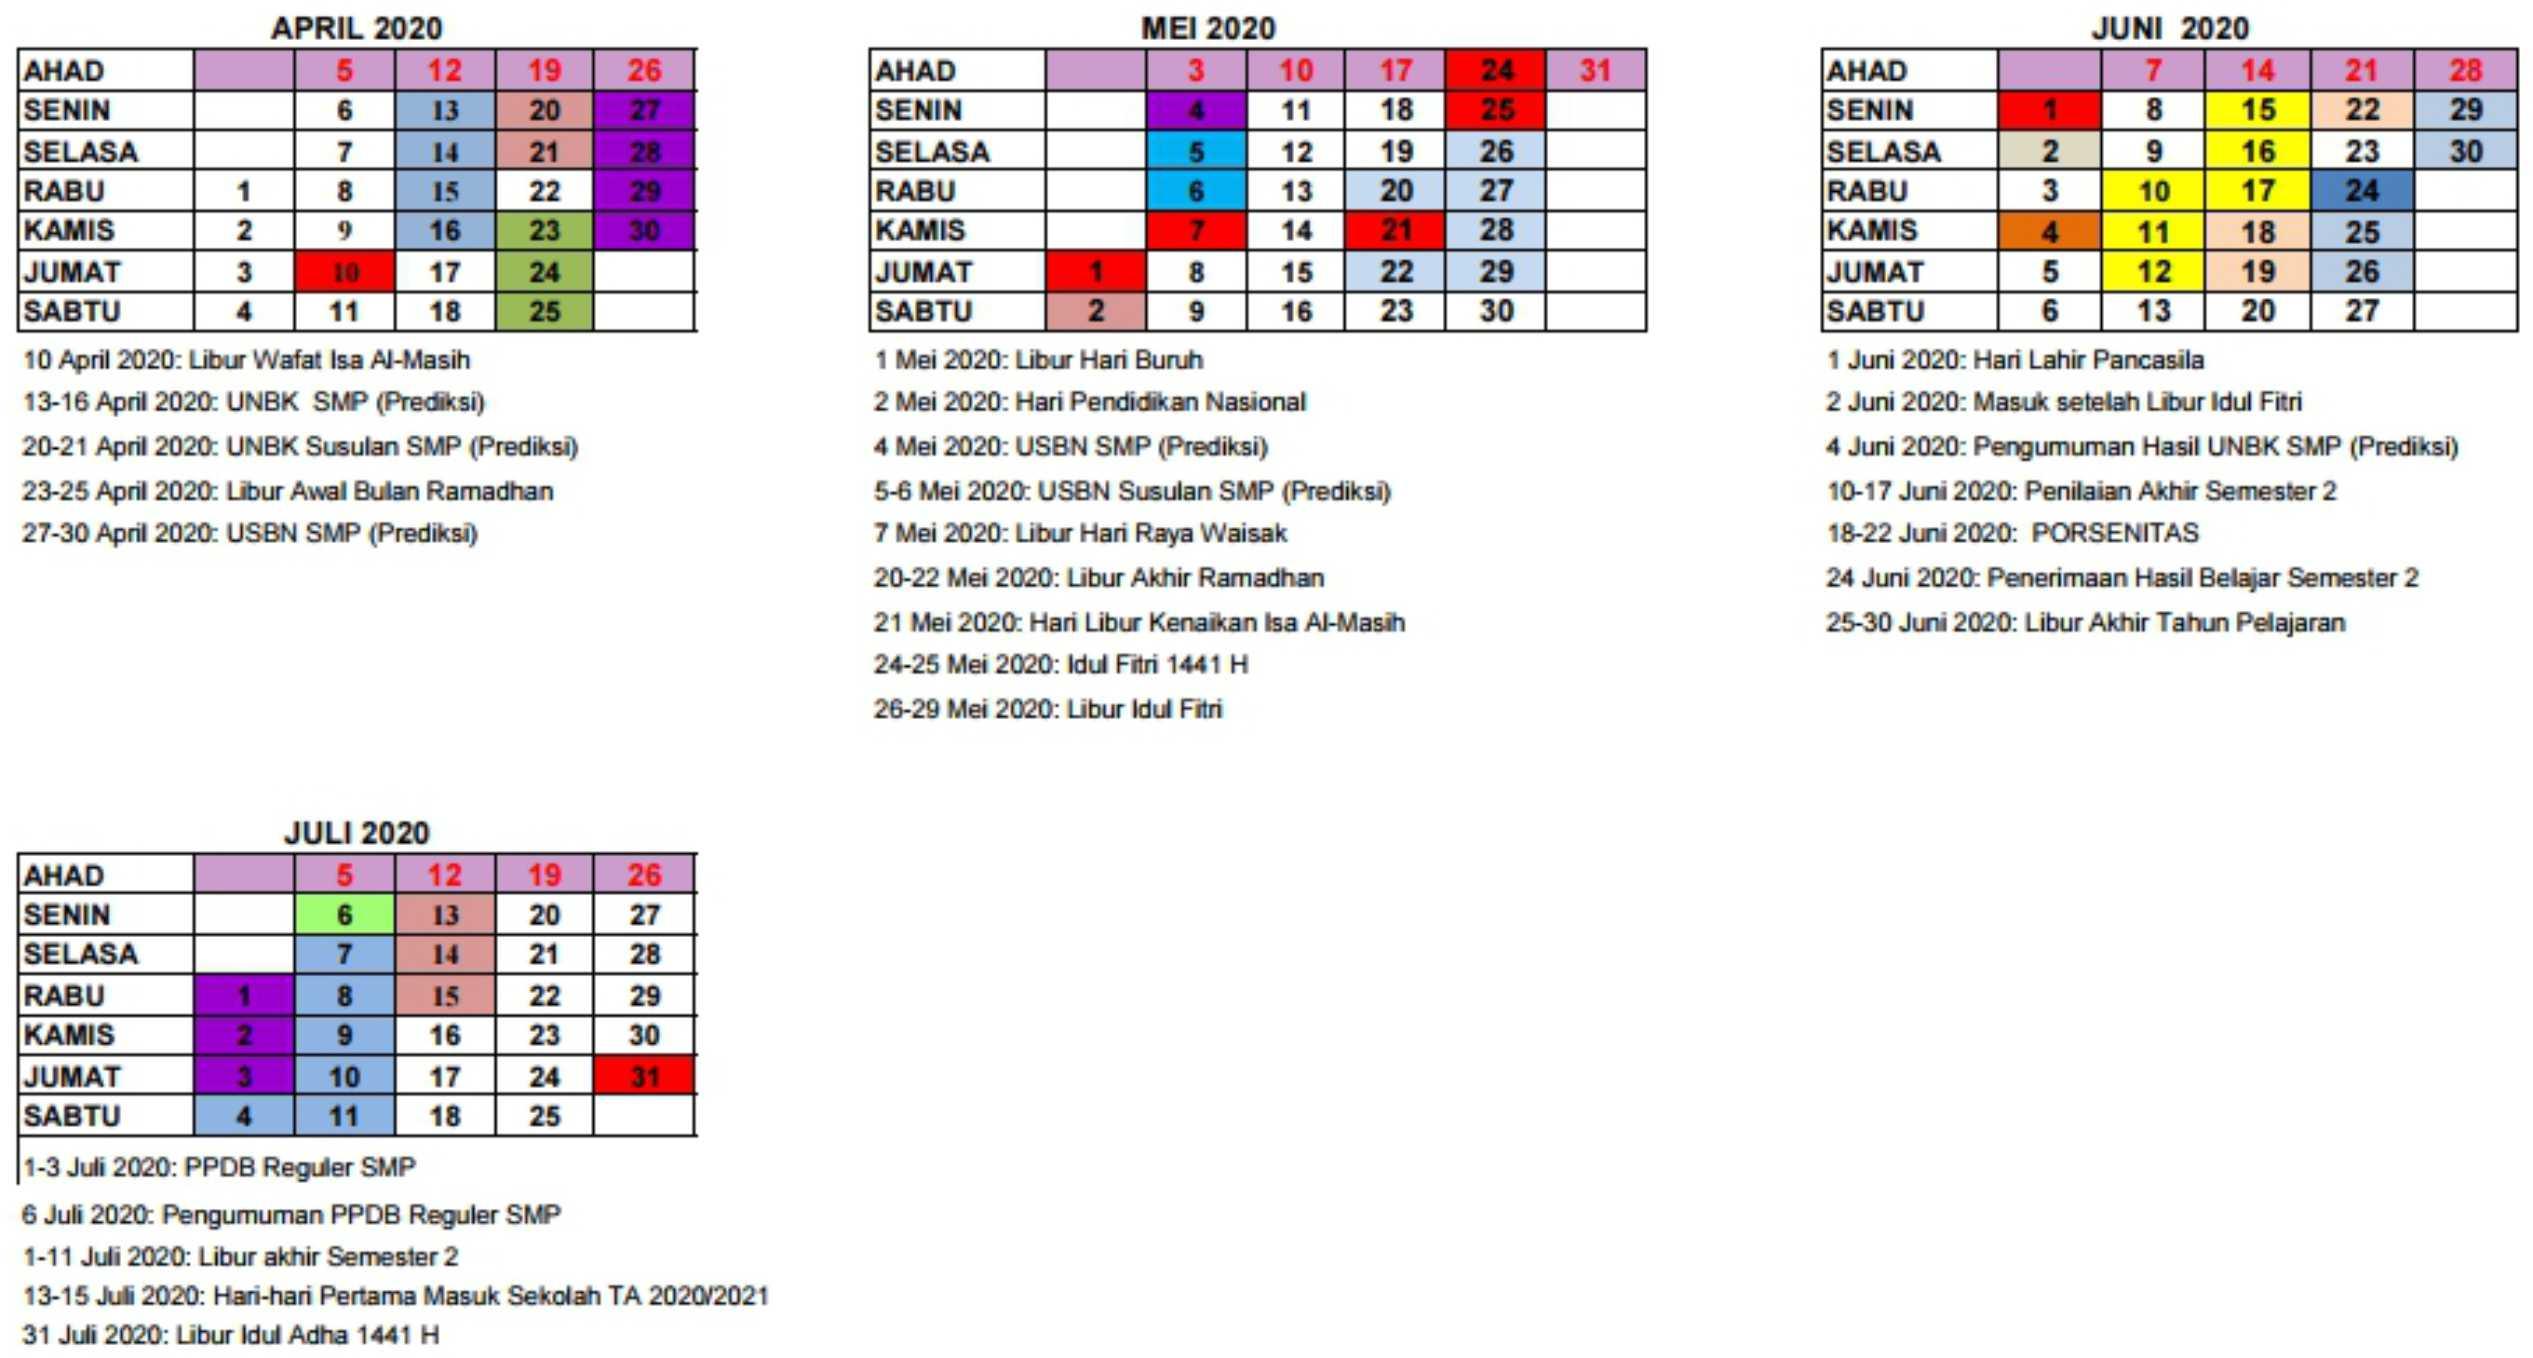 kalender pendidikan tahun ajaran 2019-2020 SMP SMPLB DI yogyakarta